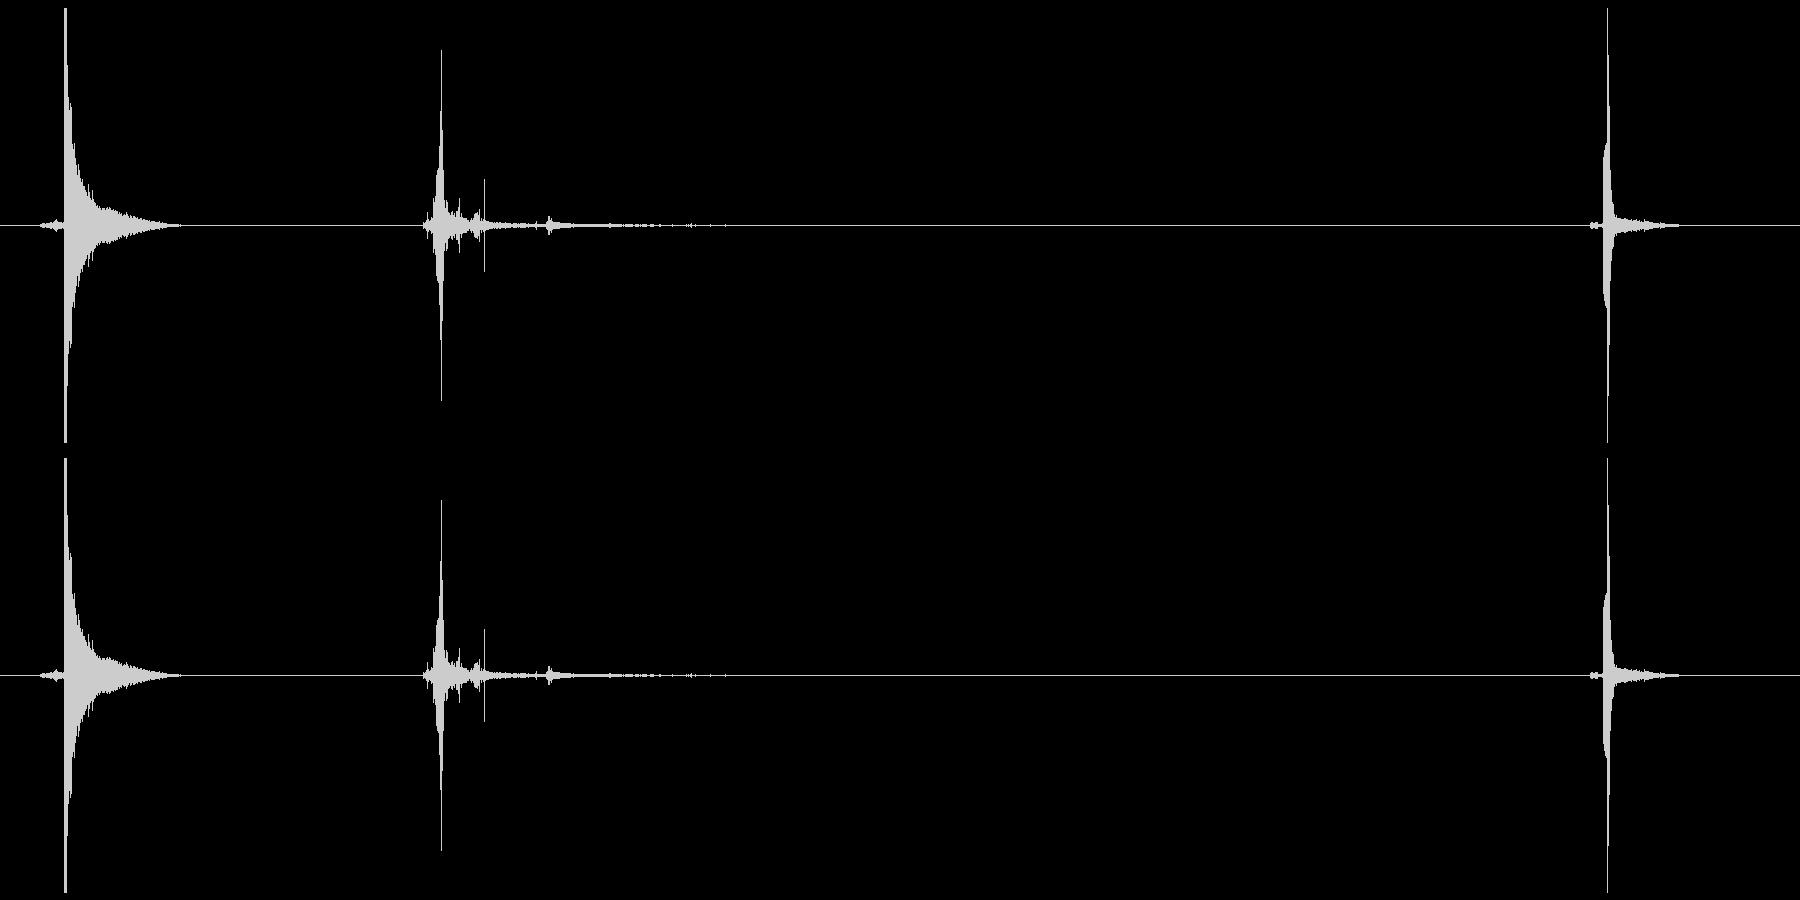 ライターのふたを開け火をつけ閉めるの未再生の波形